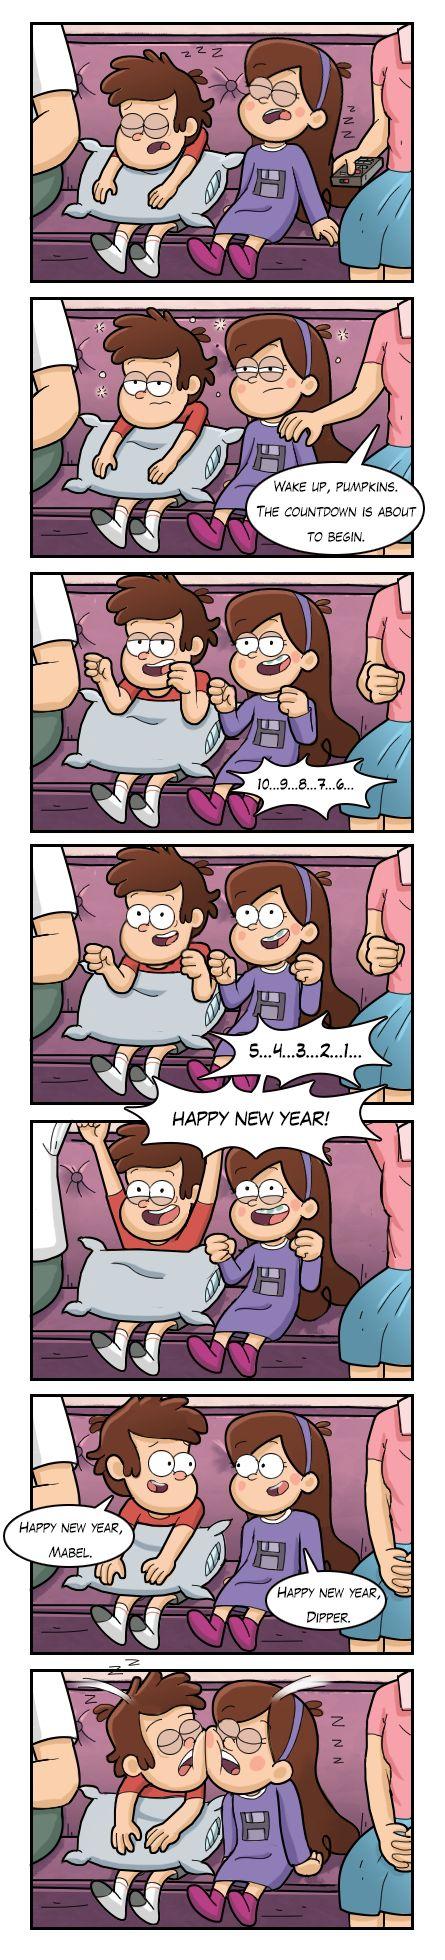 despertar, calabazas. la cuenta regresiva esta por comenzar 10...9...8...7...6...5...4...3...2...1 ¡FELIZ AÑO NUEVO! Dipper:feliz año nuevo, Mabel Mabel:feliz año nuevo, Dipper